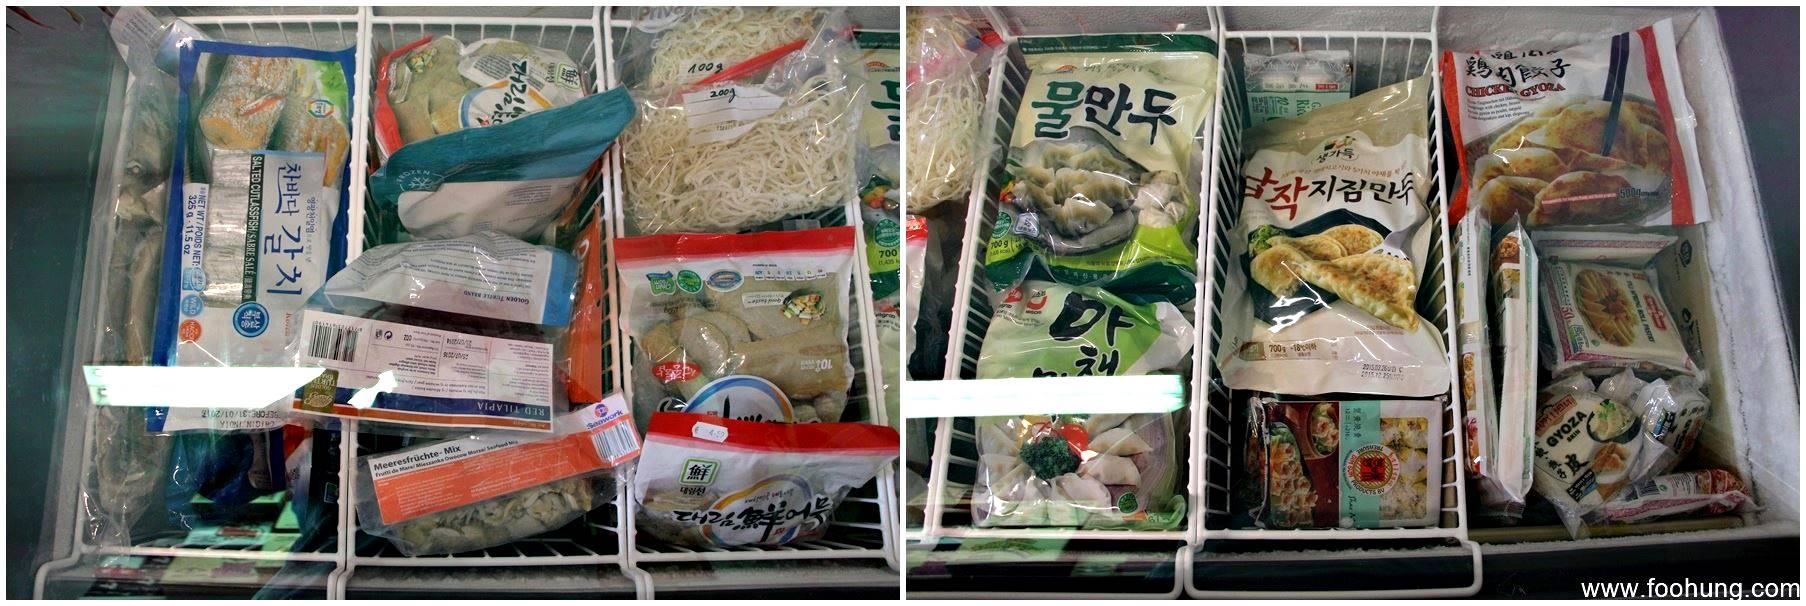 Asienkauf Tofuhaus Erlangen 9